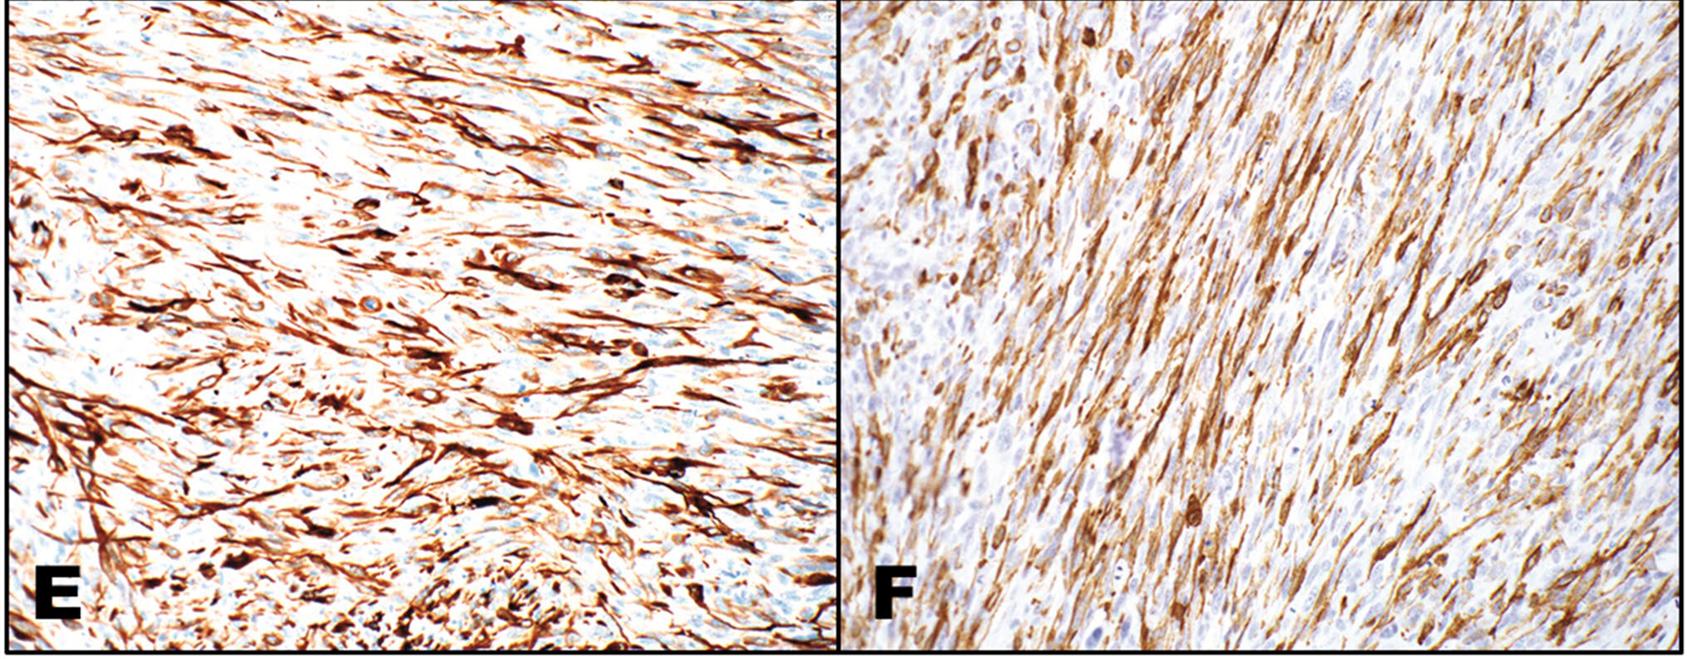 以例学病-喉部梭形细胞鳞癌病理诊断要点(一)